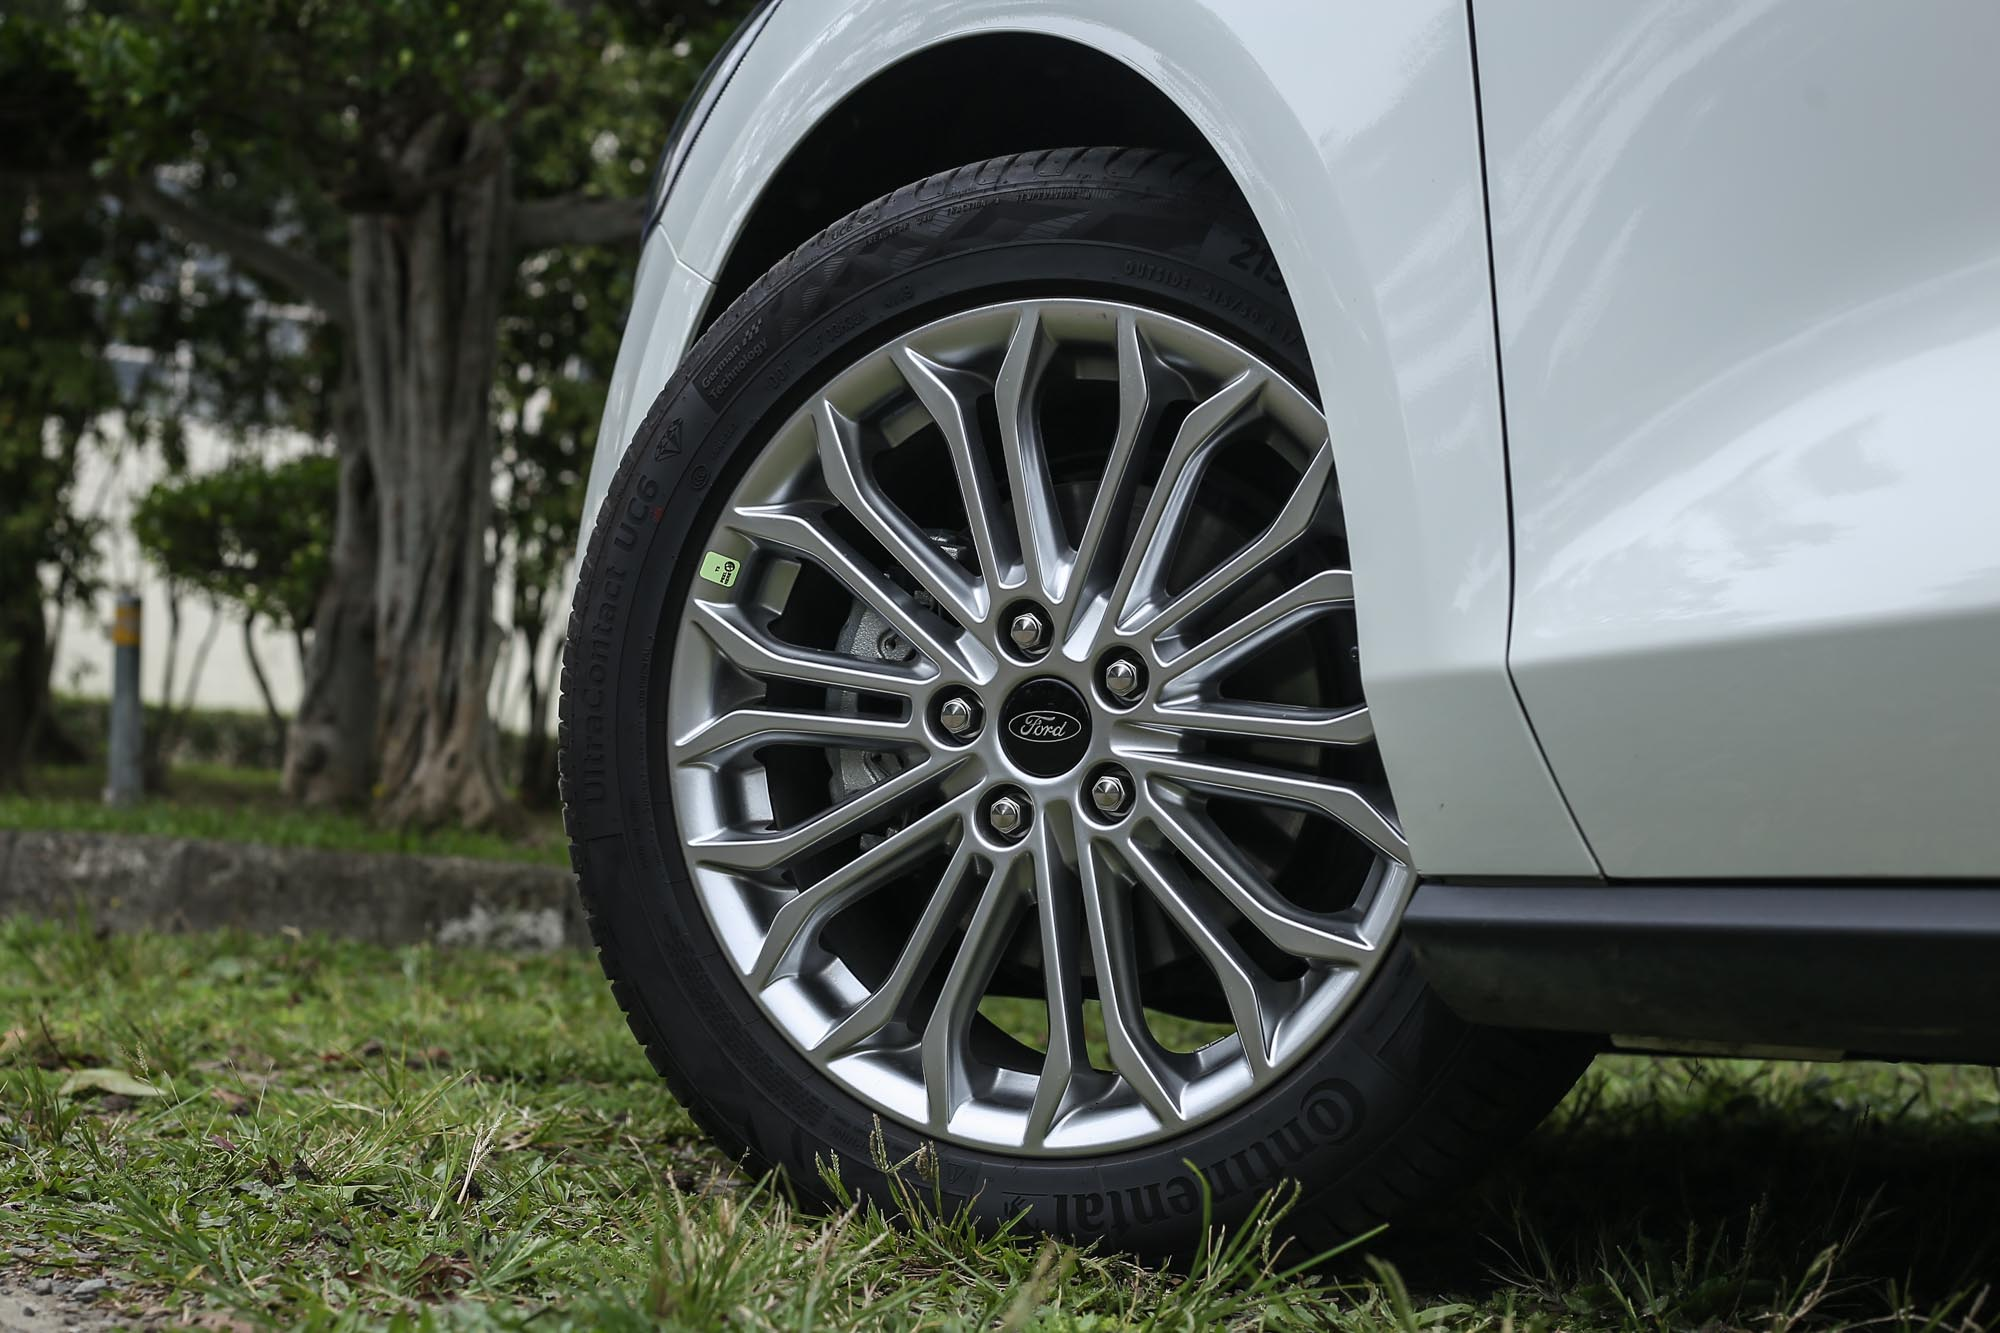 除了此車型配備 17 吋胎圈以外,四門車型其餘皆配備 16 吋胎圈尺碼。